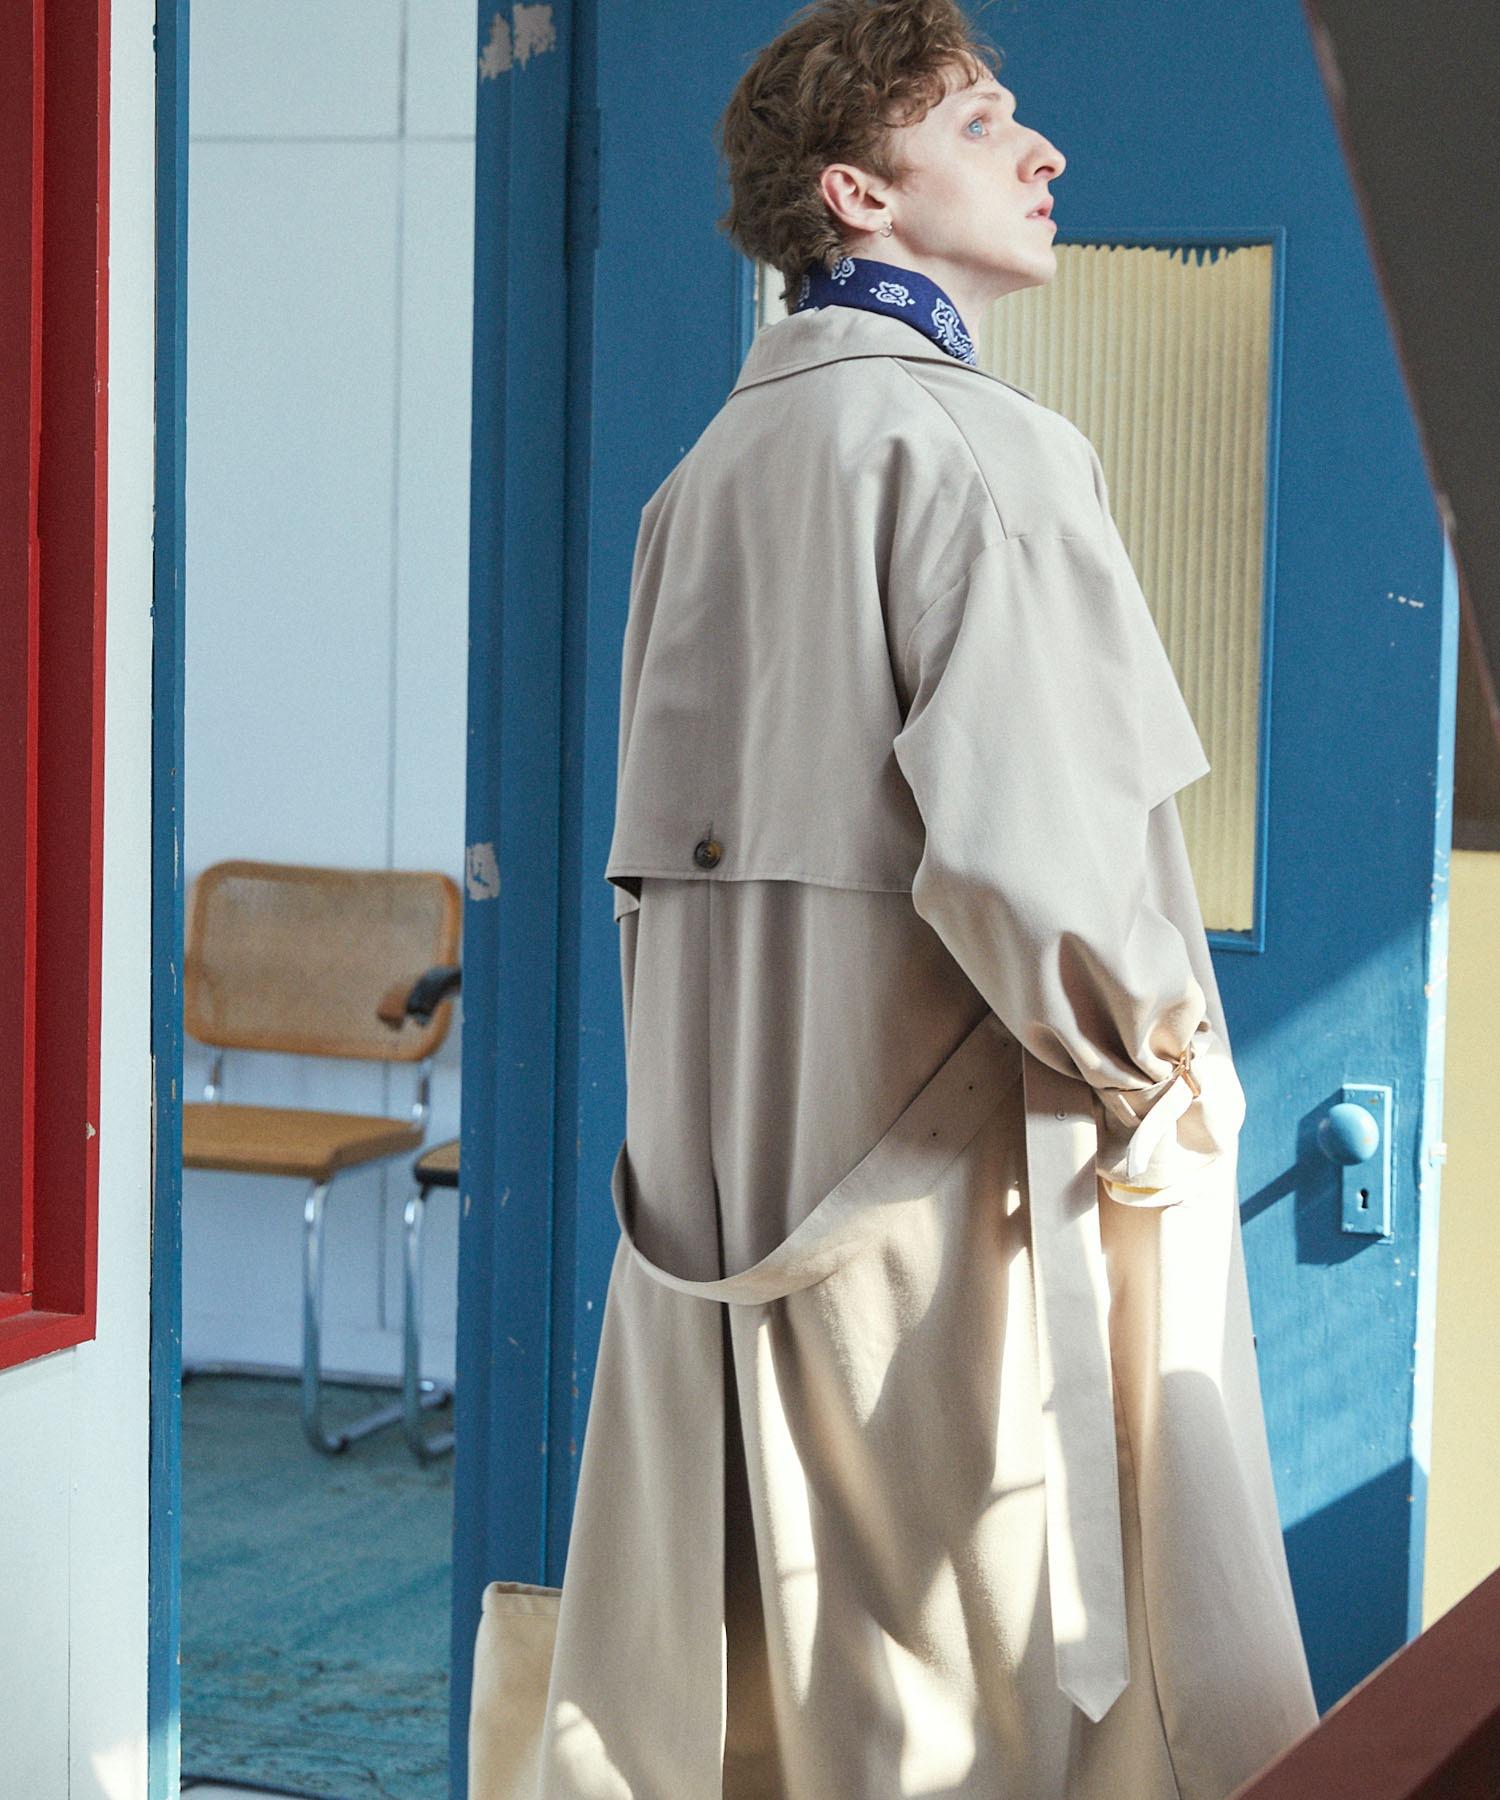 TRストレッチ オーバーサイズ ヨークトレンチコート/スプリングコート EMMA CLOTHES 2021S/S